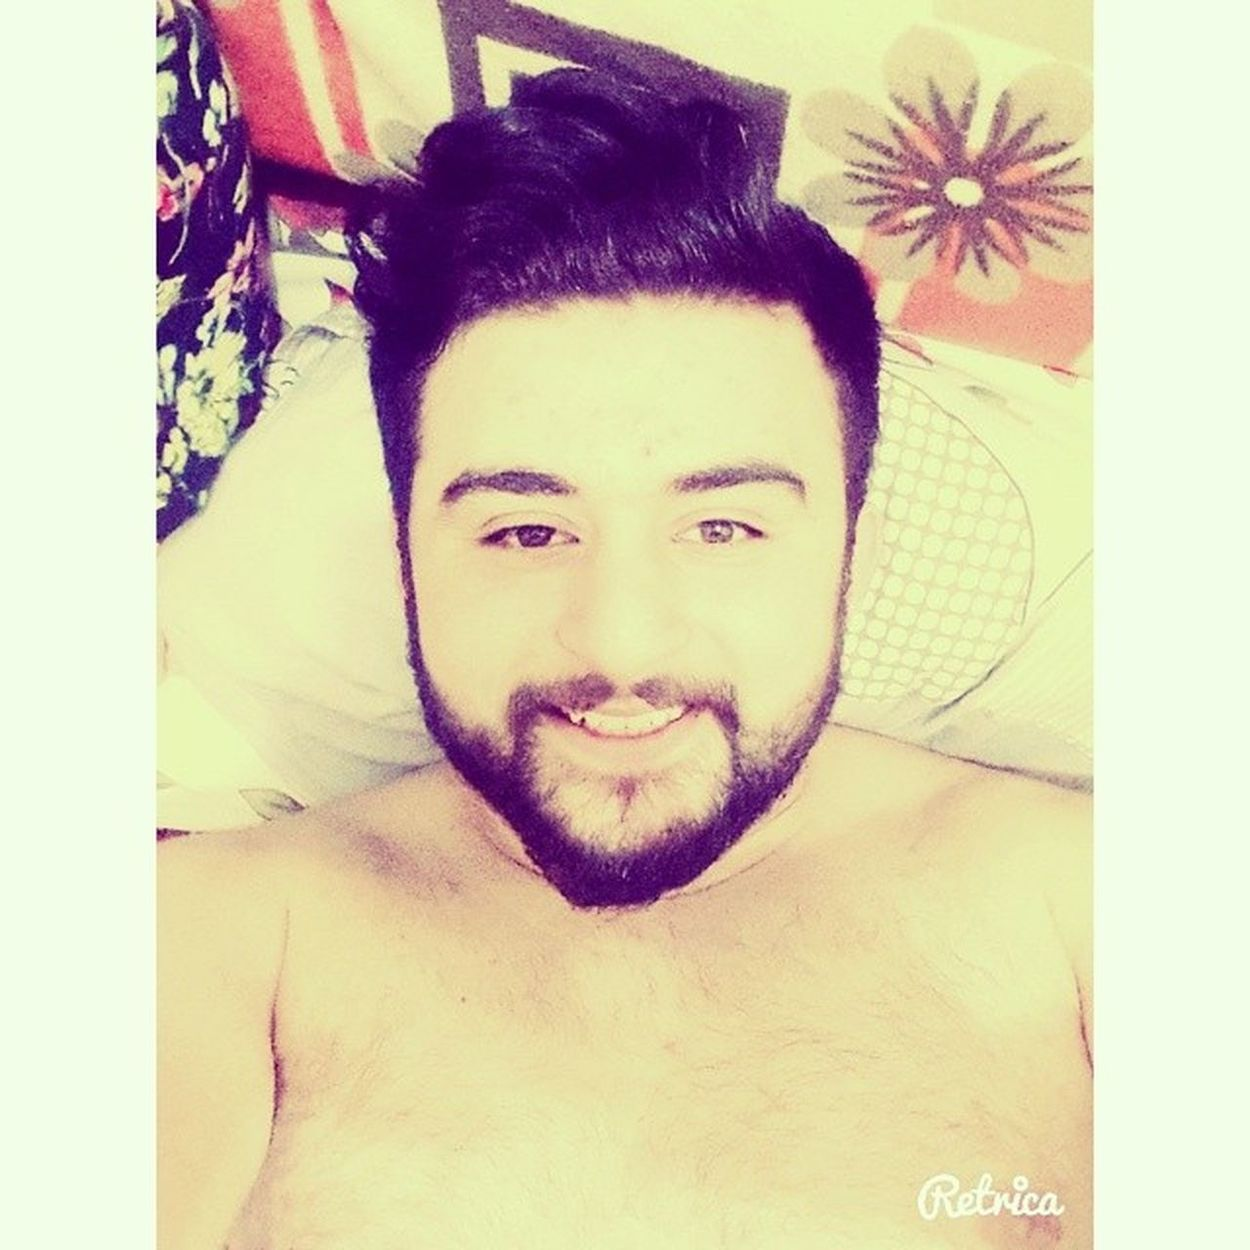 Instalike Instagram Instalove Likephoto Like Iyi Aksamlar Mutluluk Uyku Vakti Photo Selfie Happy Gülücük Ohhmiss hadi iyi geceler :)